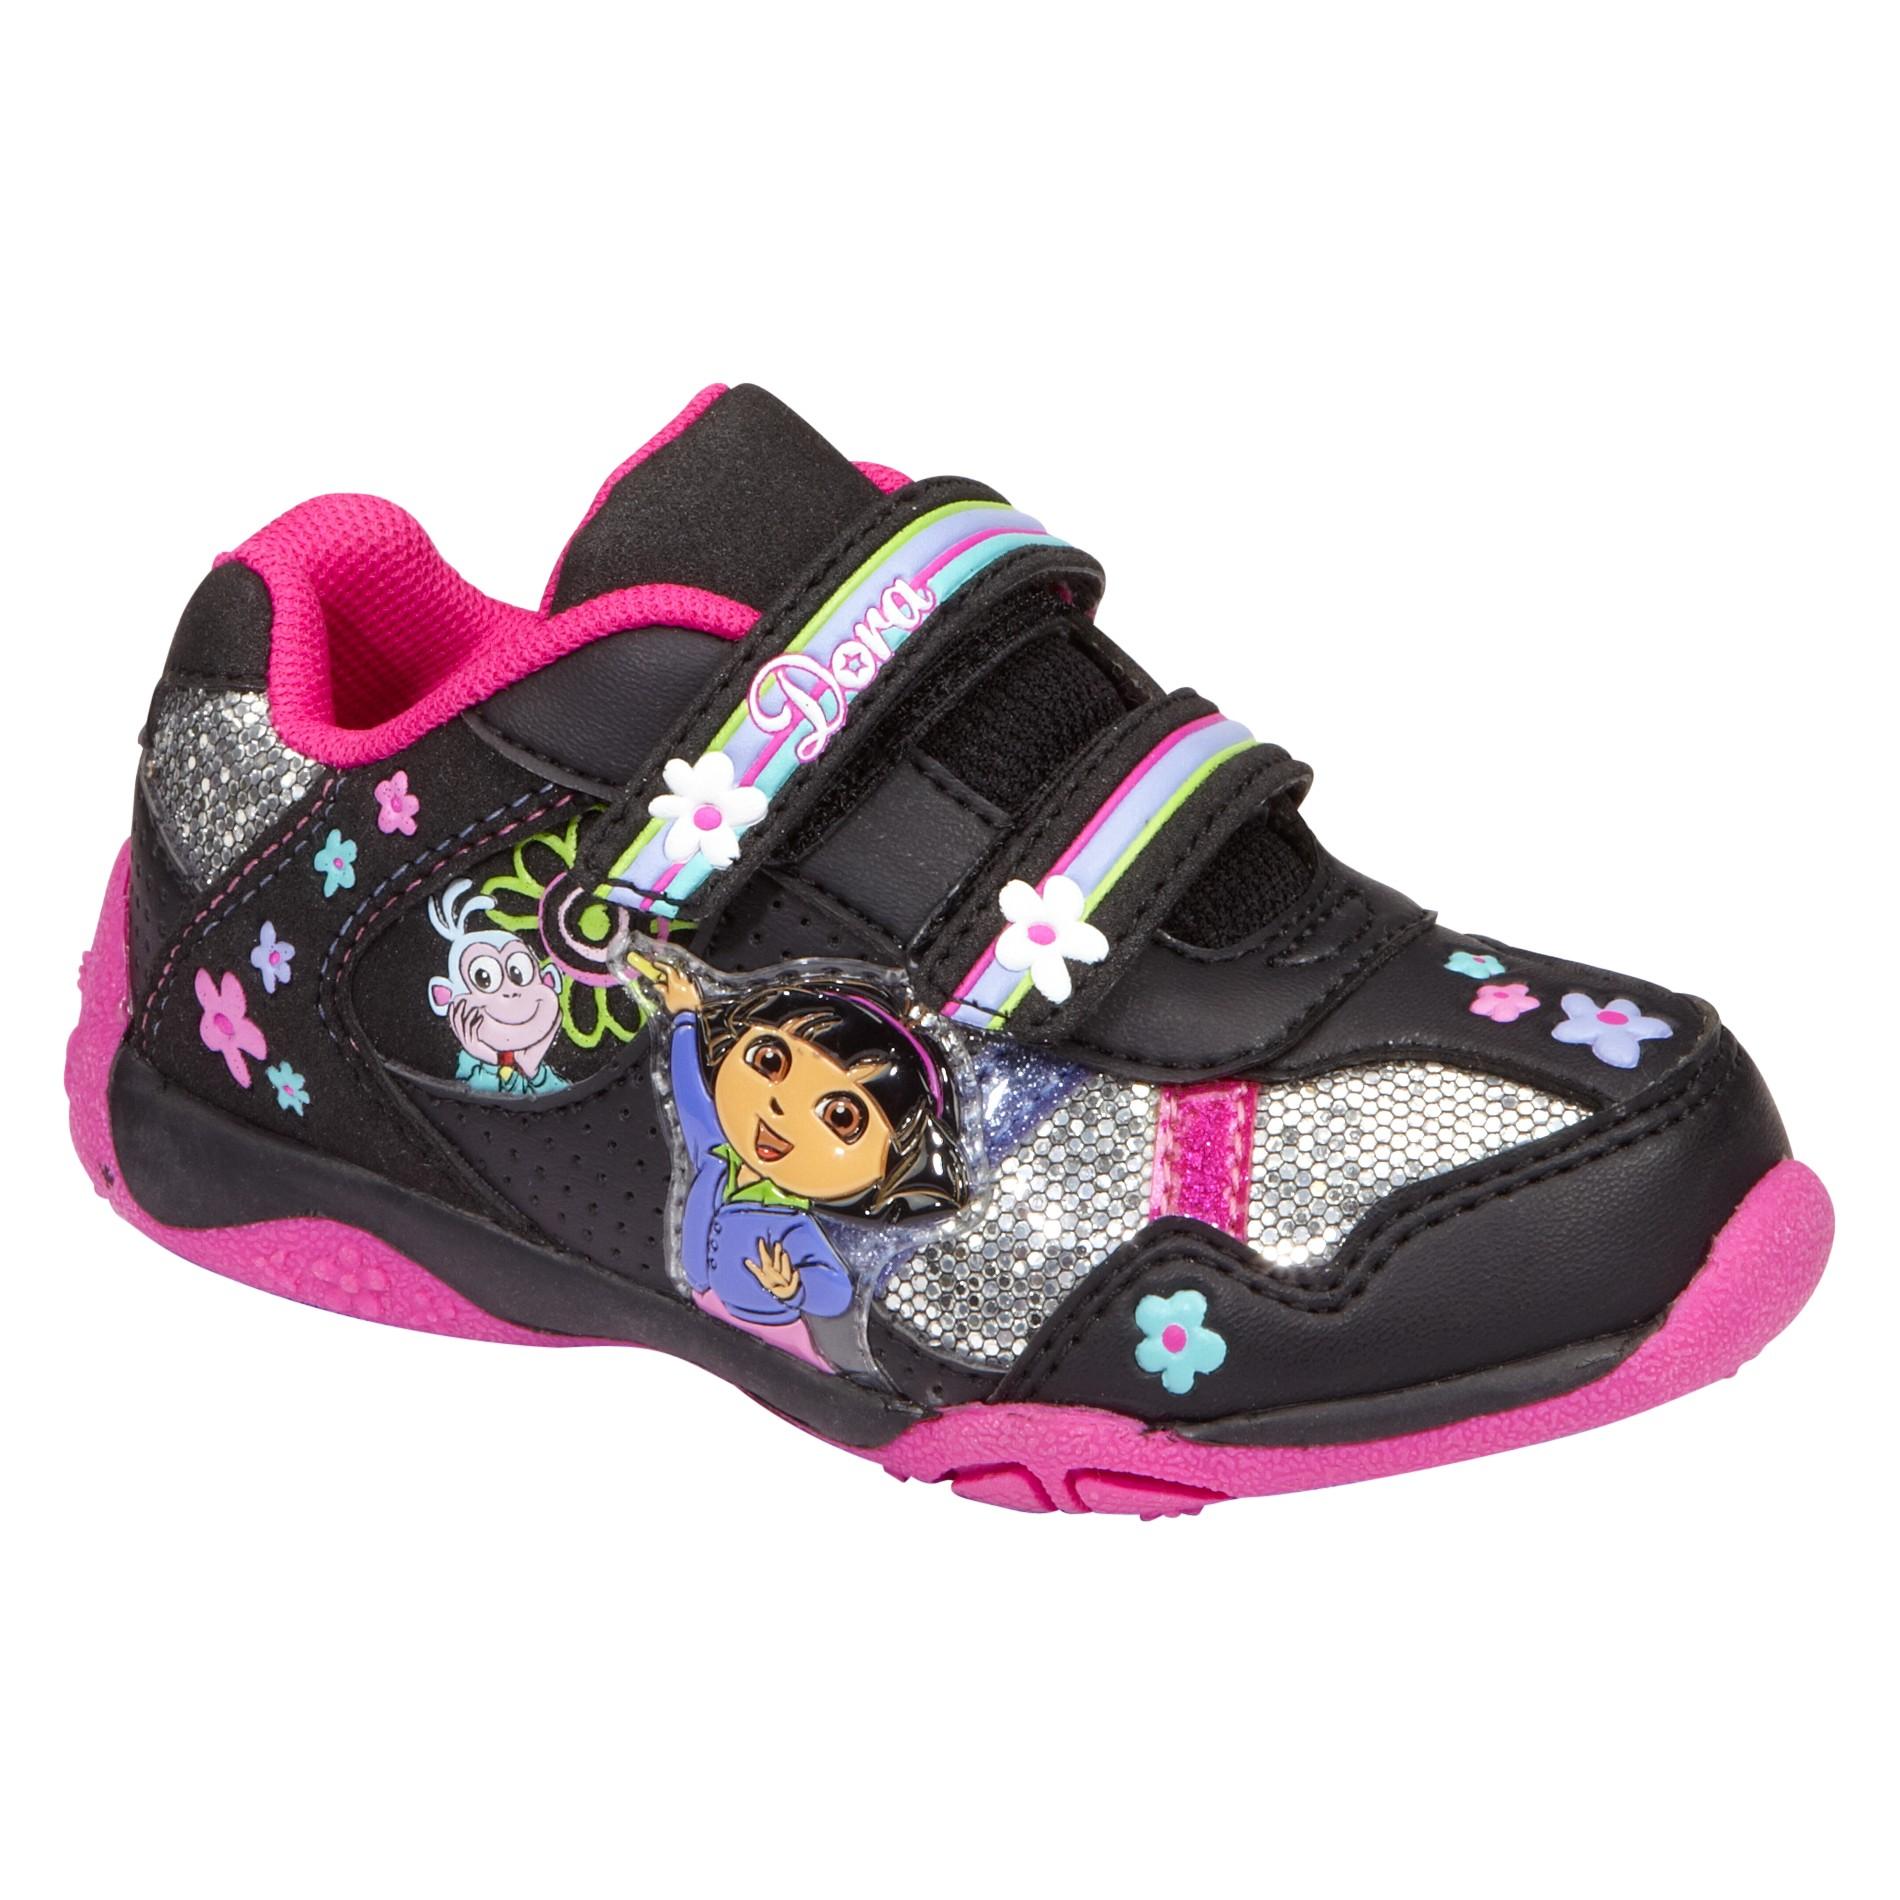 Character Toddler Girl's Jogger Dora - Black